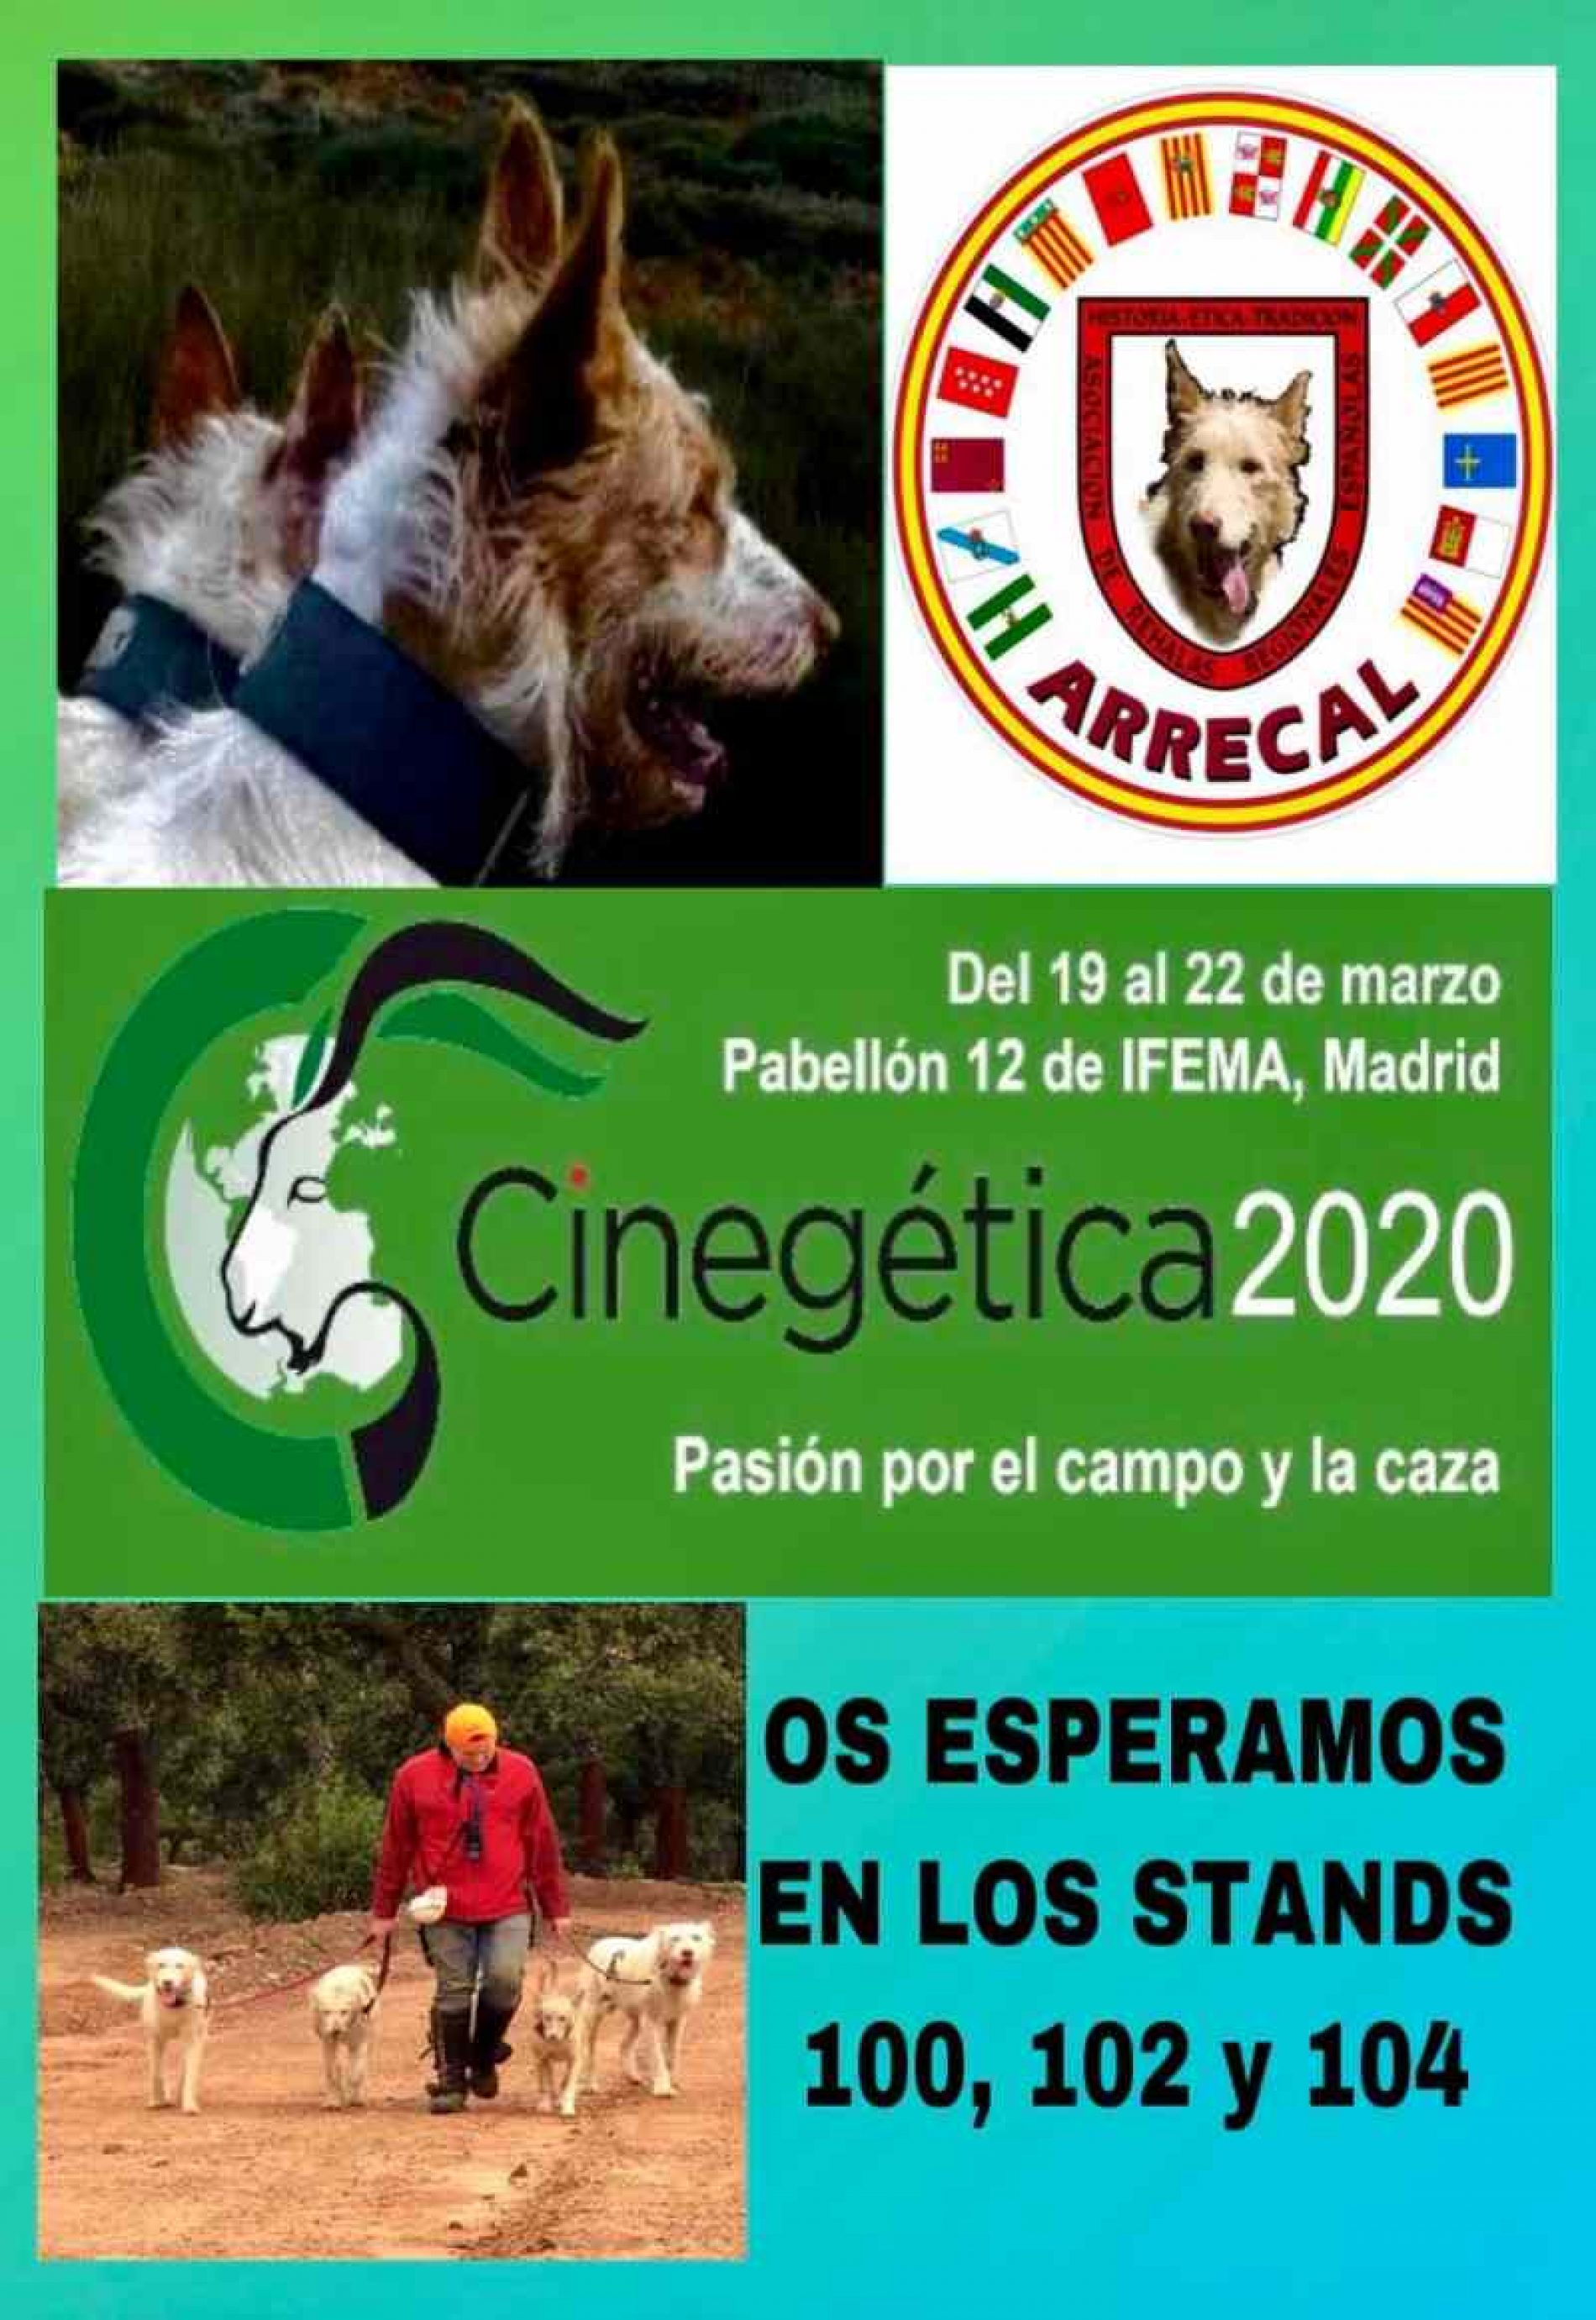 ARRECAL participará en Cinegética 2020 con tres stands y una amplia representación de rehalas